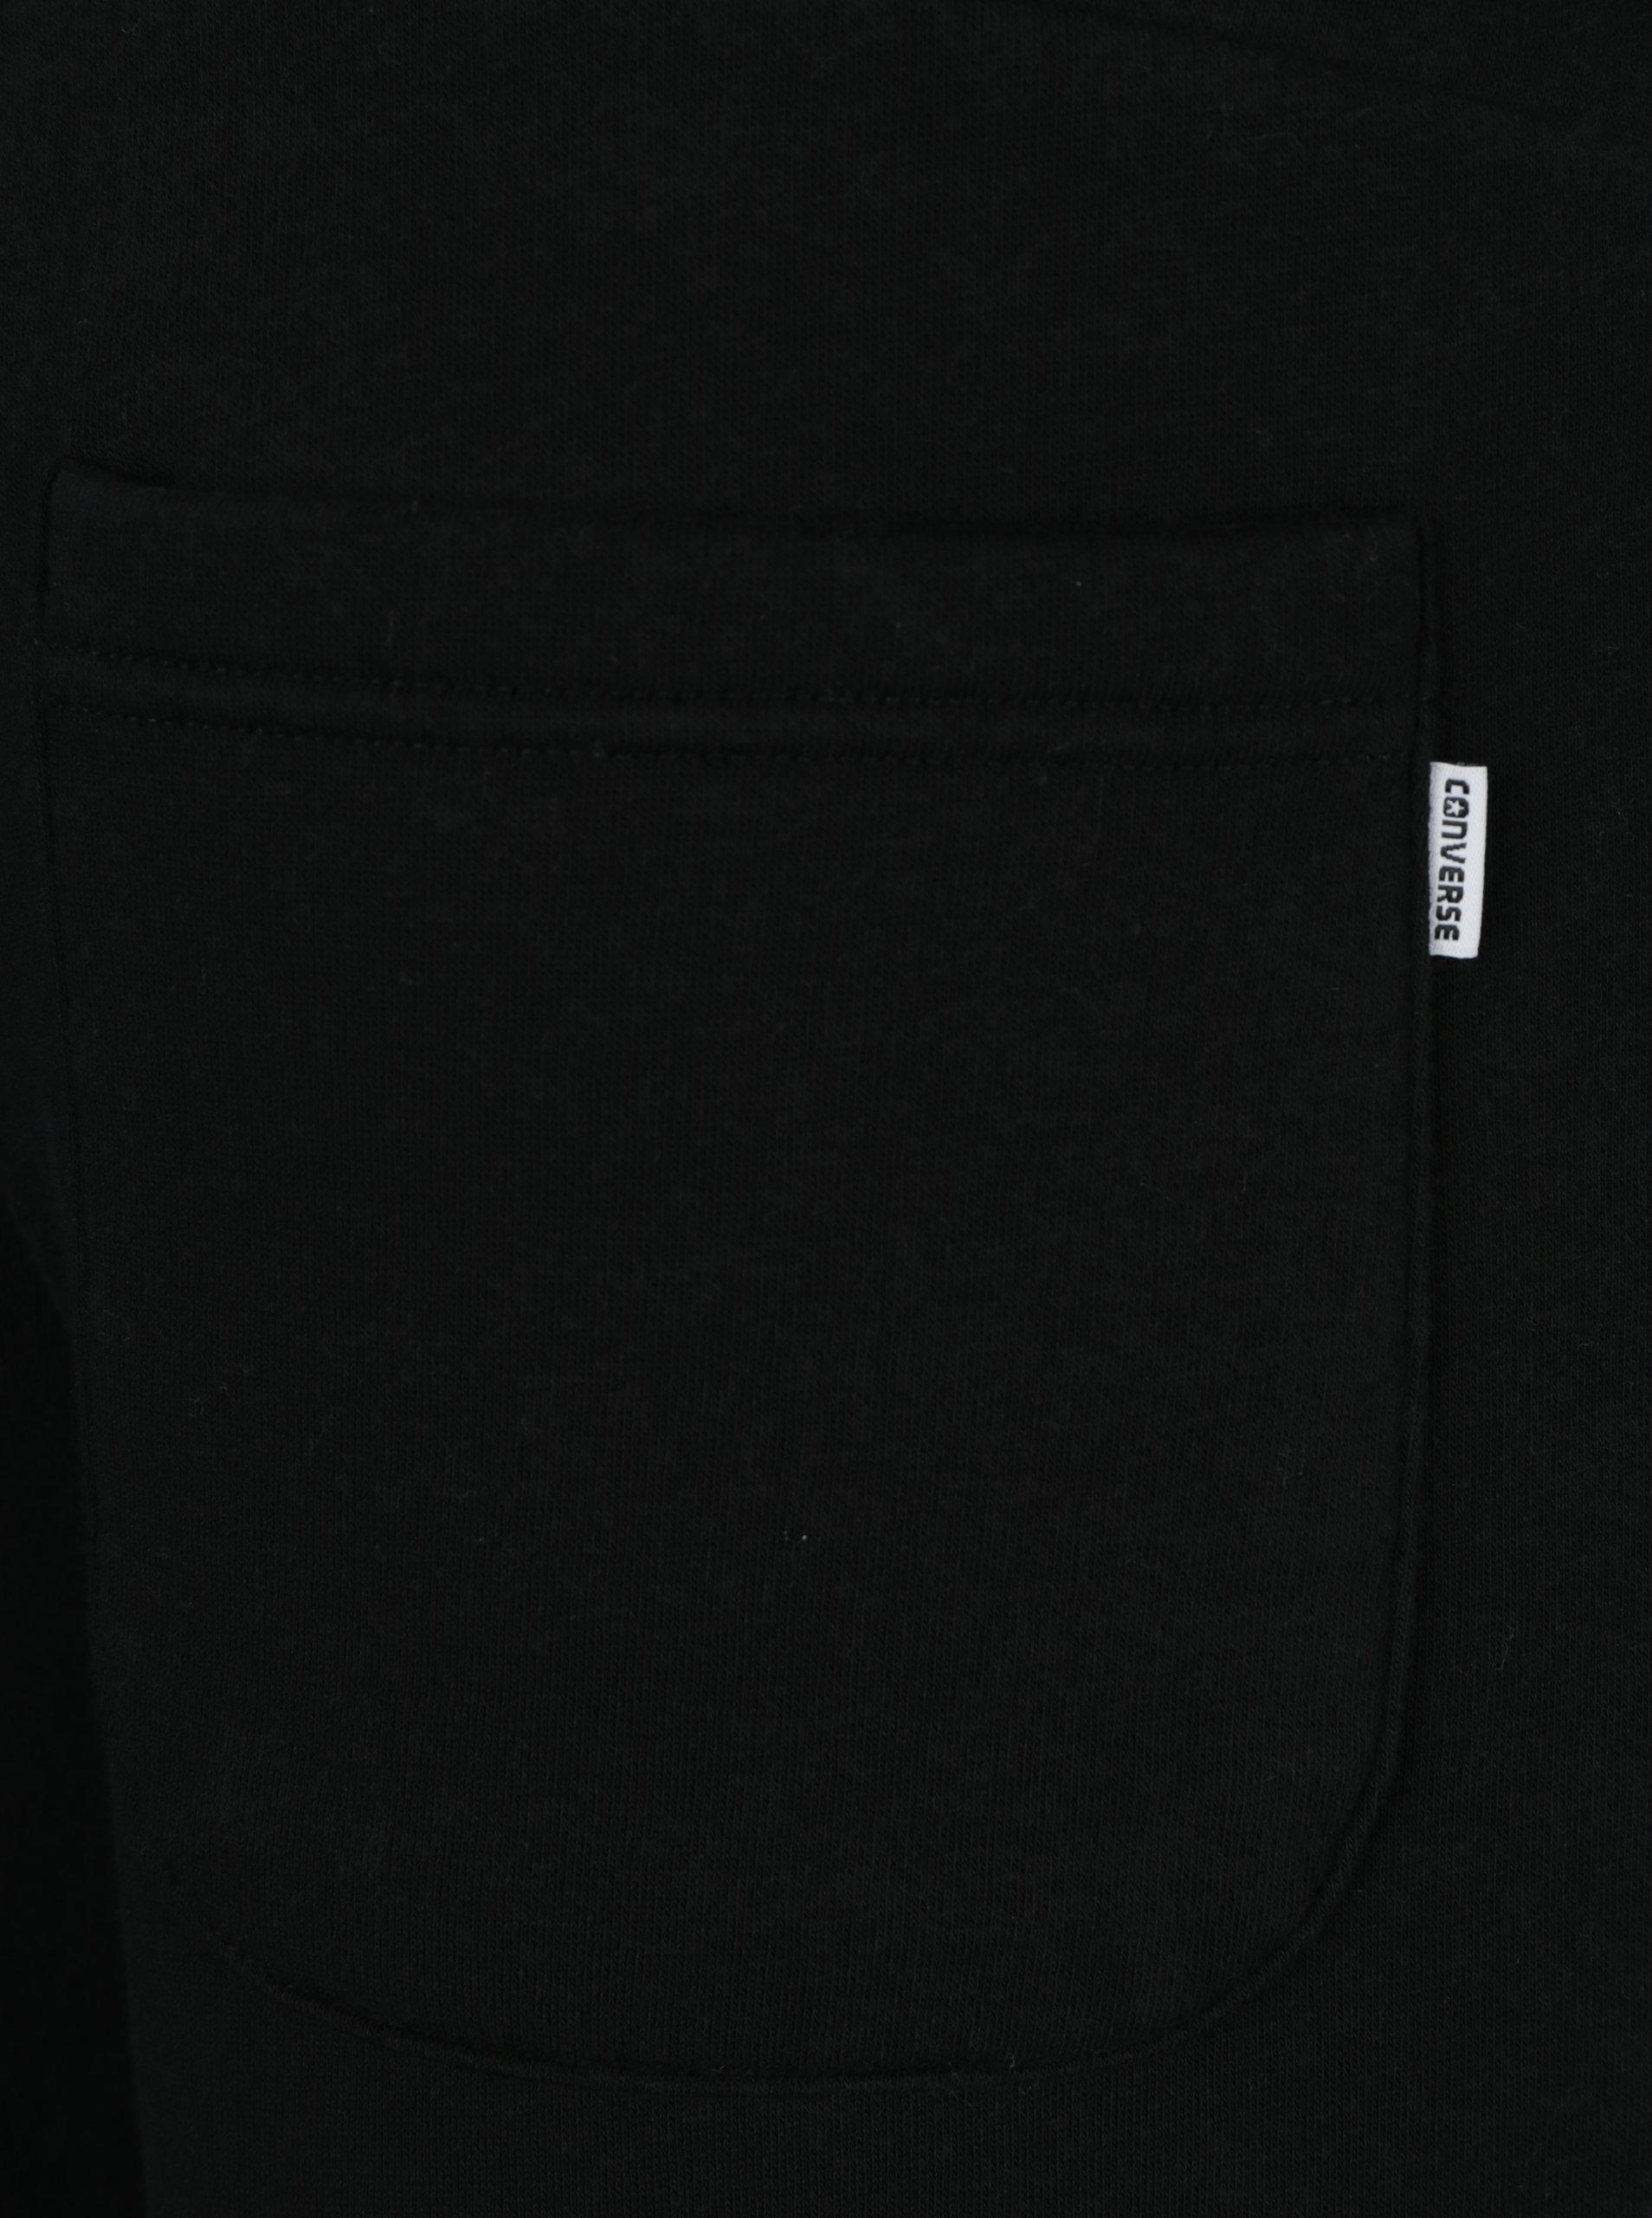 Černé pánské tepláky s kapsami Converse Core ... 2c42abaebfb